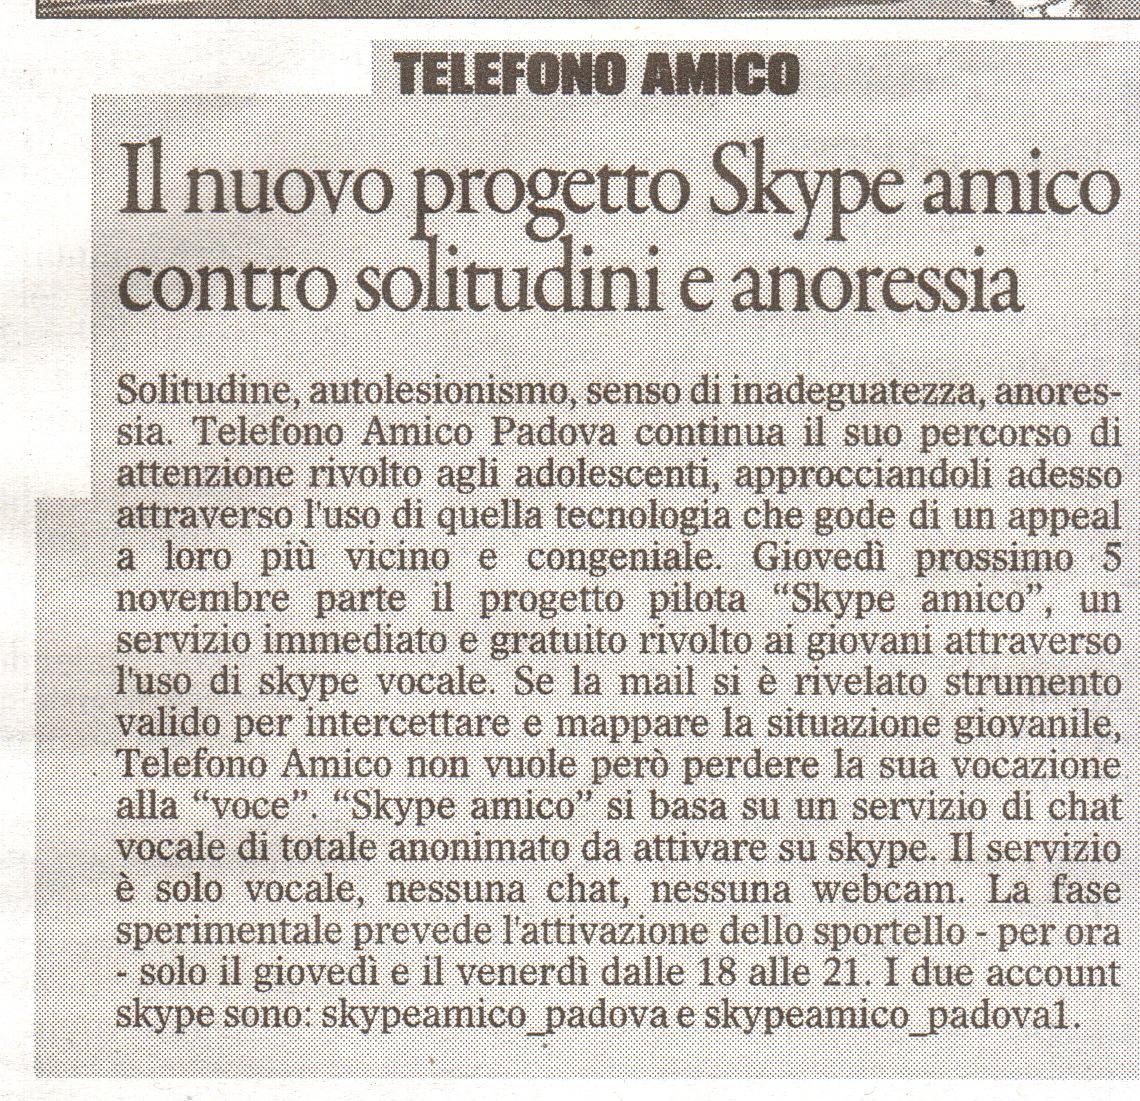 gazzettino skypeamico (3)